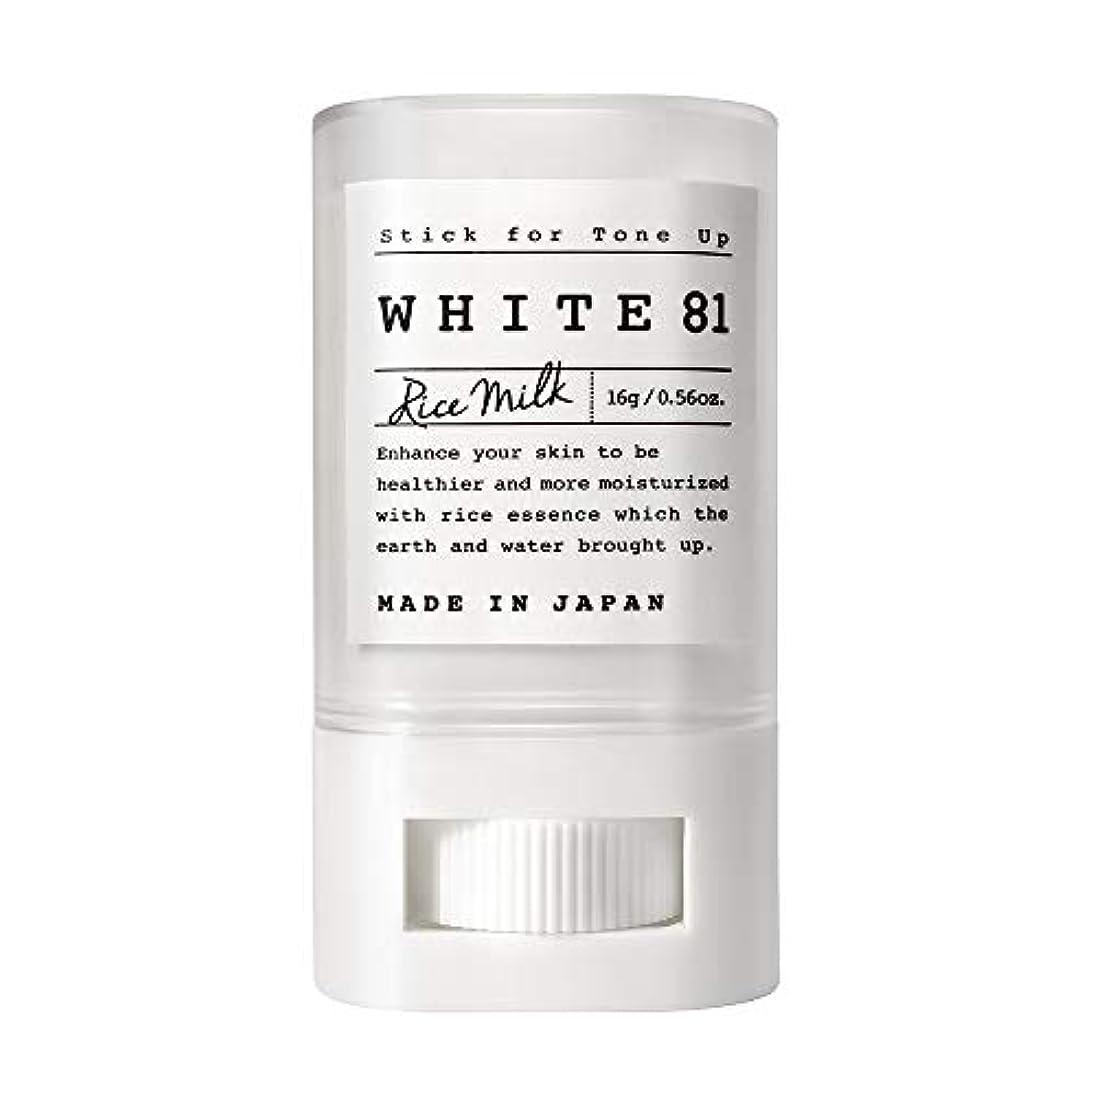 ピクニックをする低下ウイルスWHITE81 ホワイト81 トーンアップスティック(化粧下地?日焼け止め / SPF35?PA+++?ウォータープルーフ?複合保湿成分配合?肌に優しい6種のフリー / 日本製)